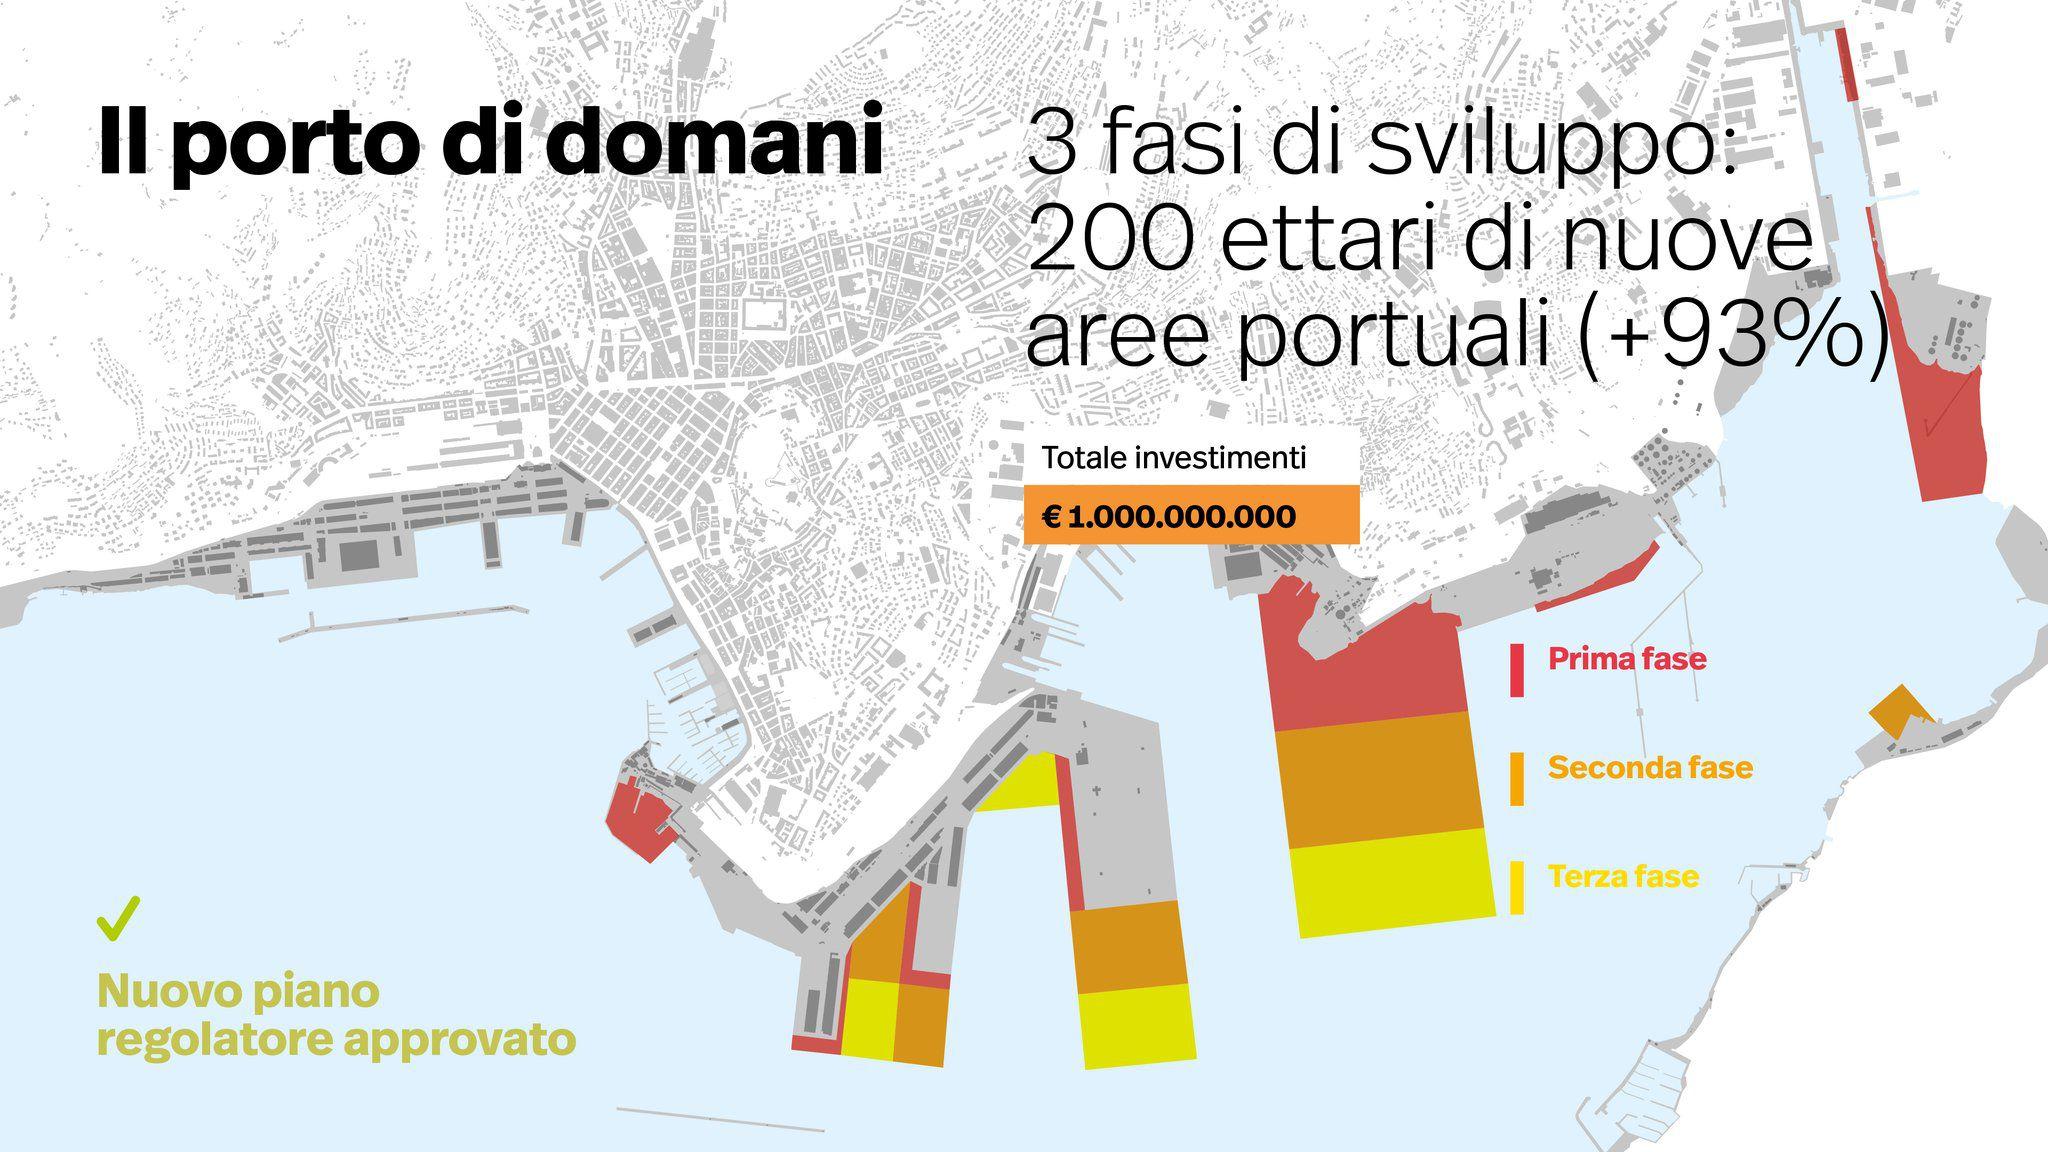 Fonte: Autorità portuale di Trieste